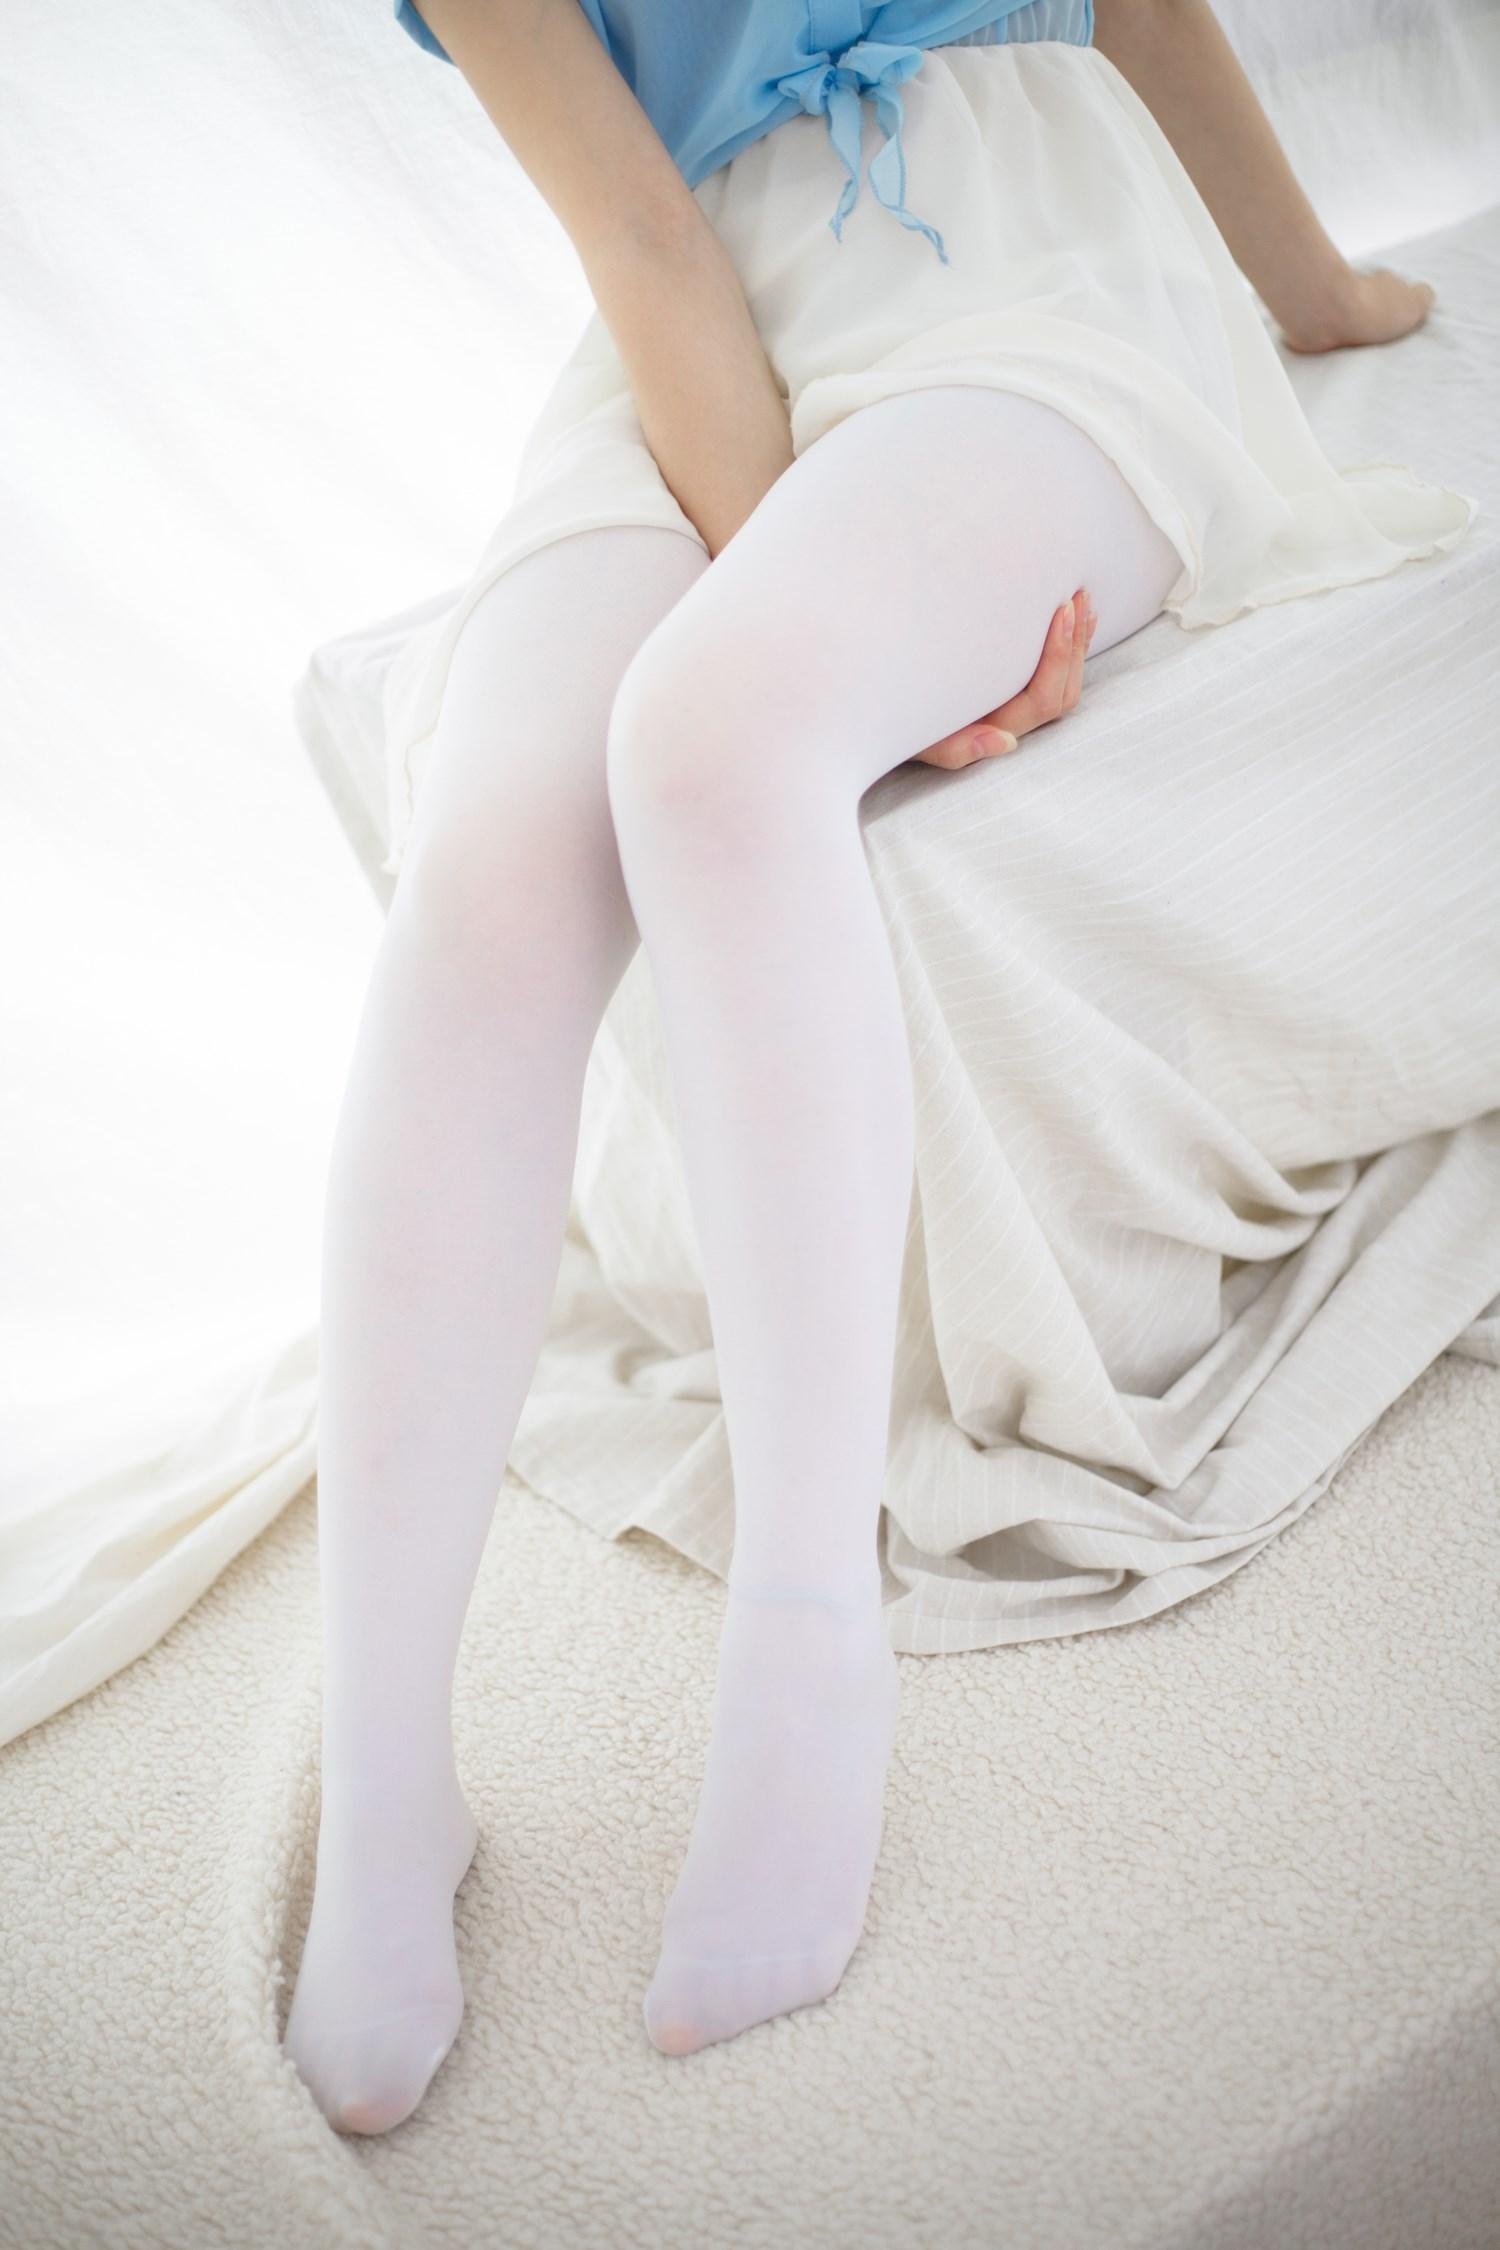 【兔玩映画】白丝萌萌哒 兔玩映画 第31张